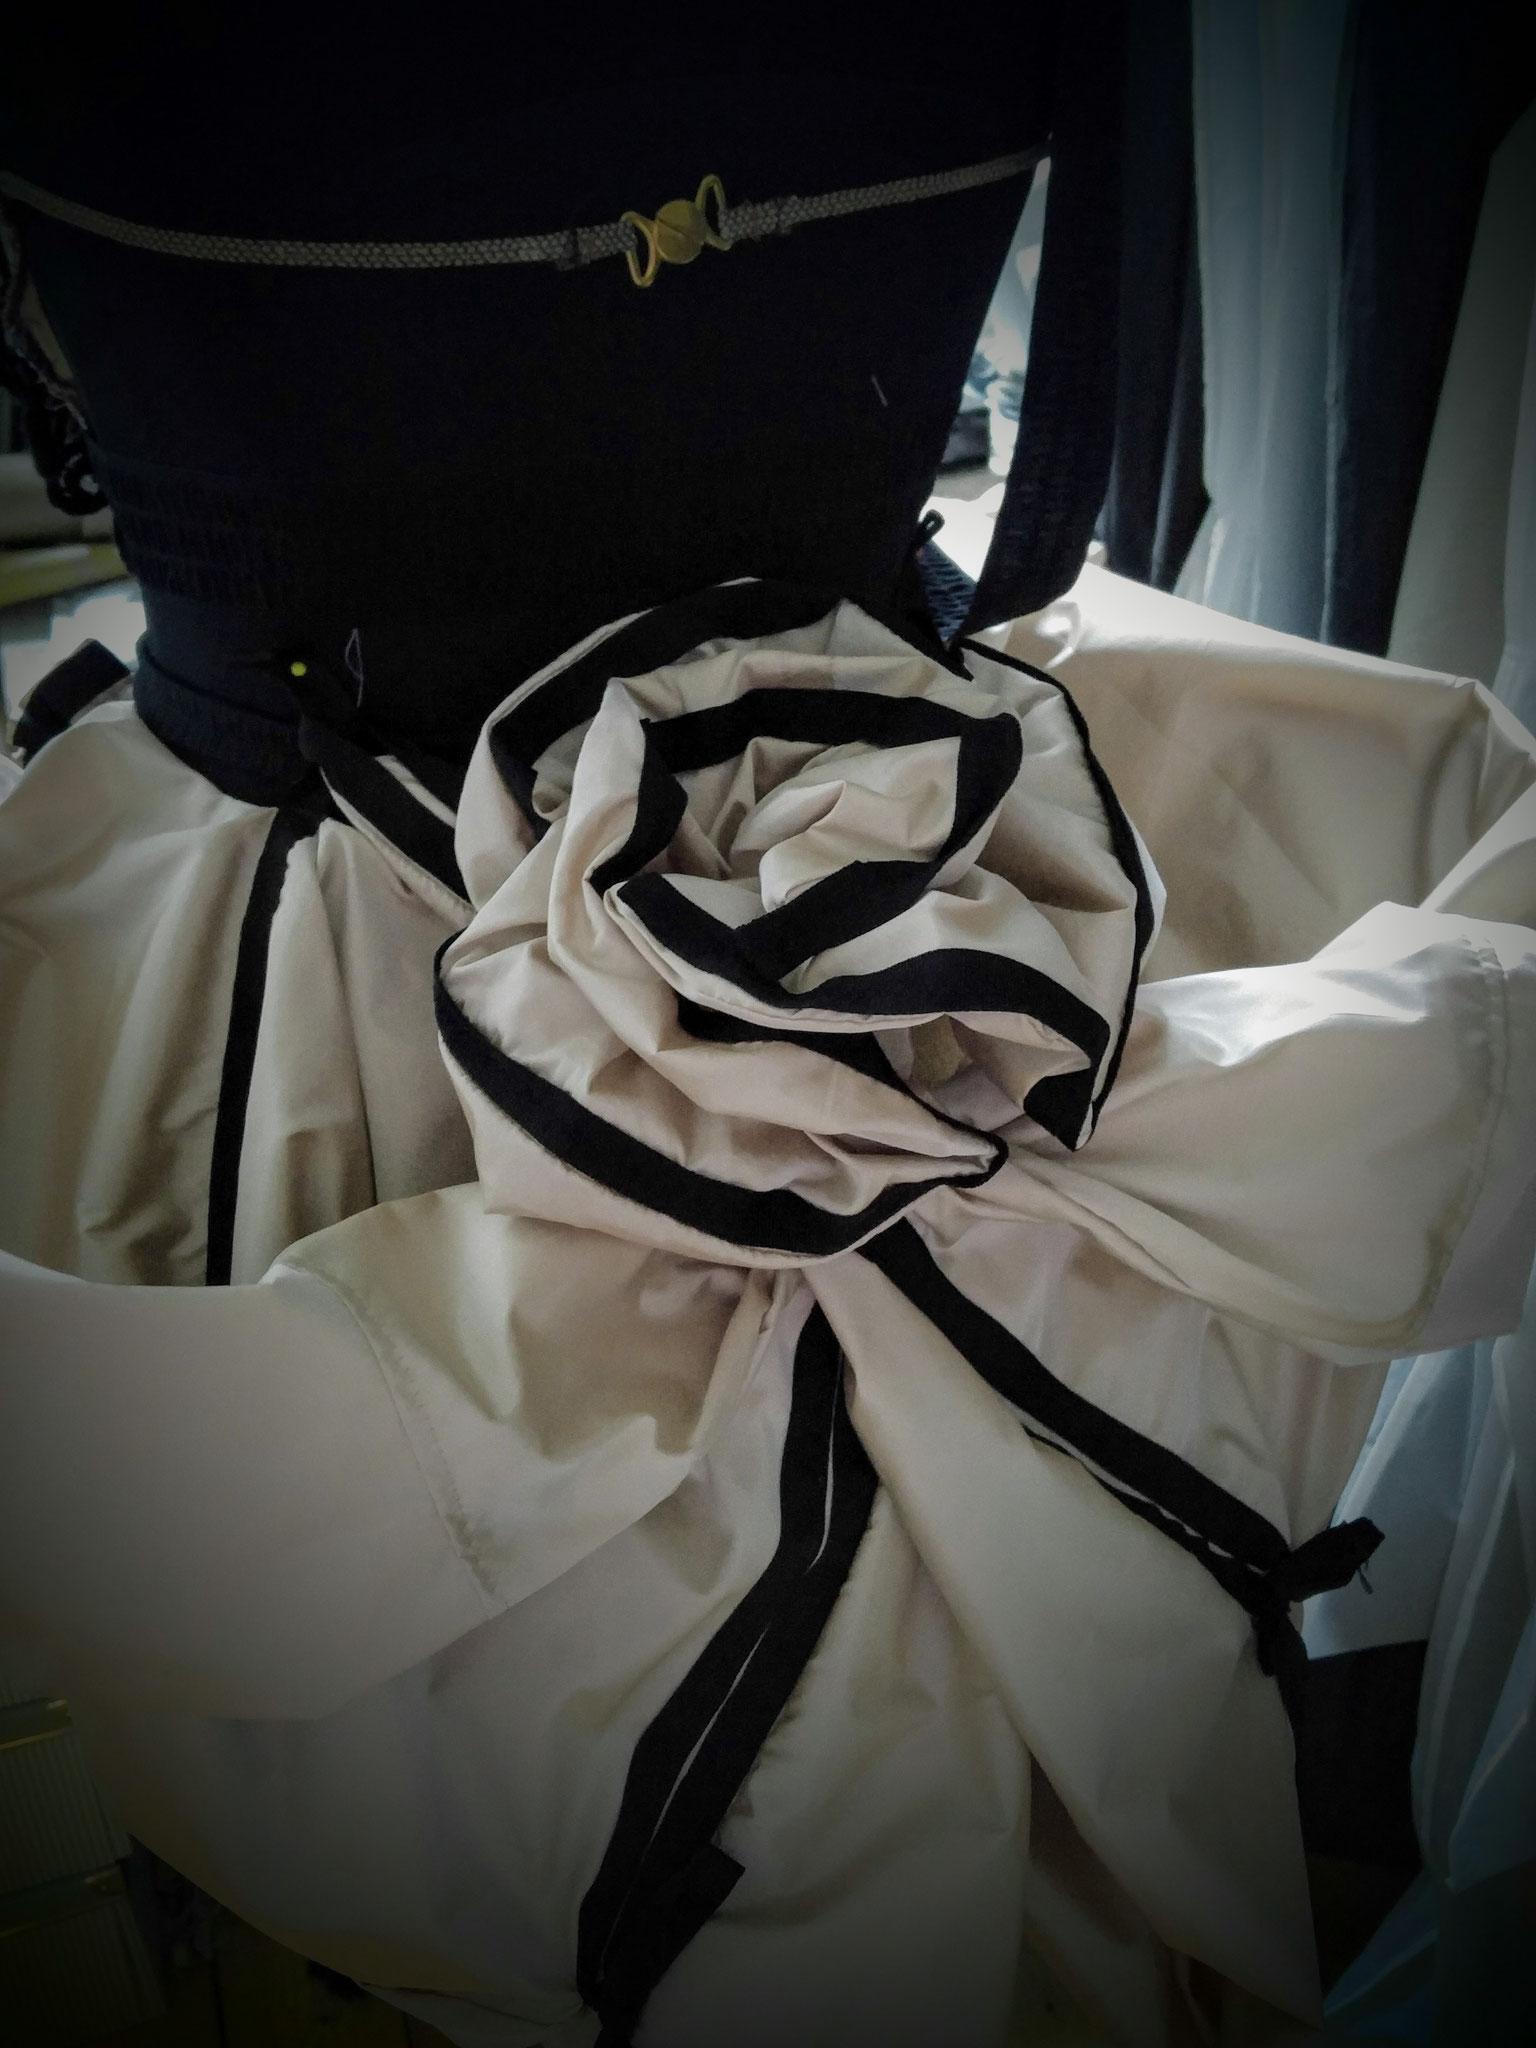 Detail für Bühnen-Outfit von Mdlle. PARFAIT de La NEIGE ,  Burlesque-Künstlerin , Photo by N.I.L.